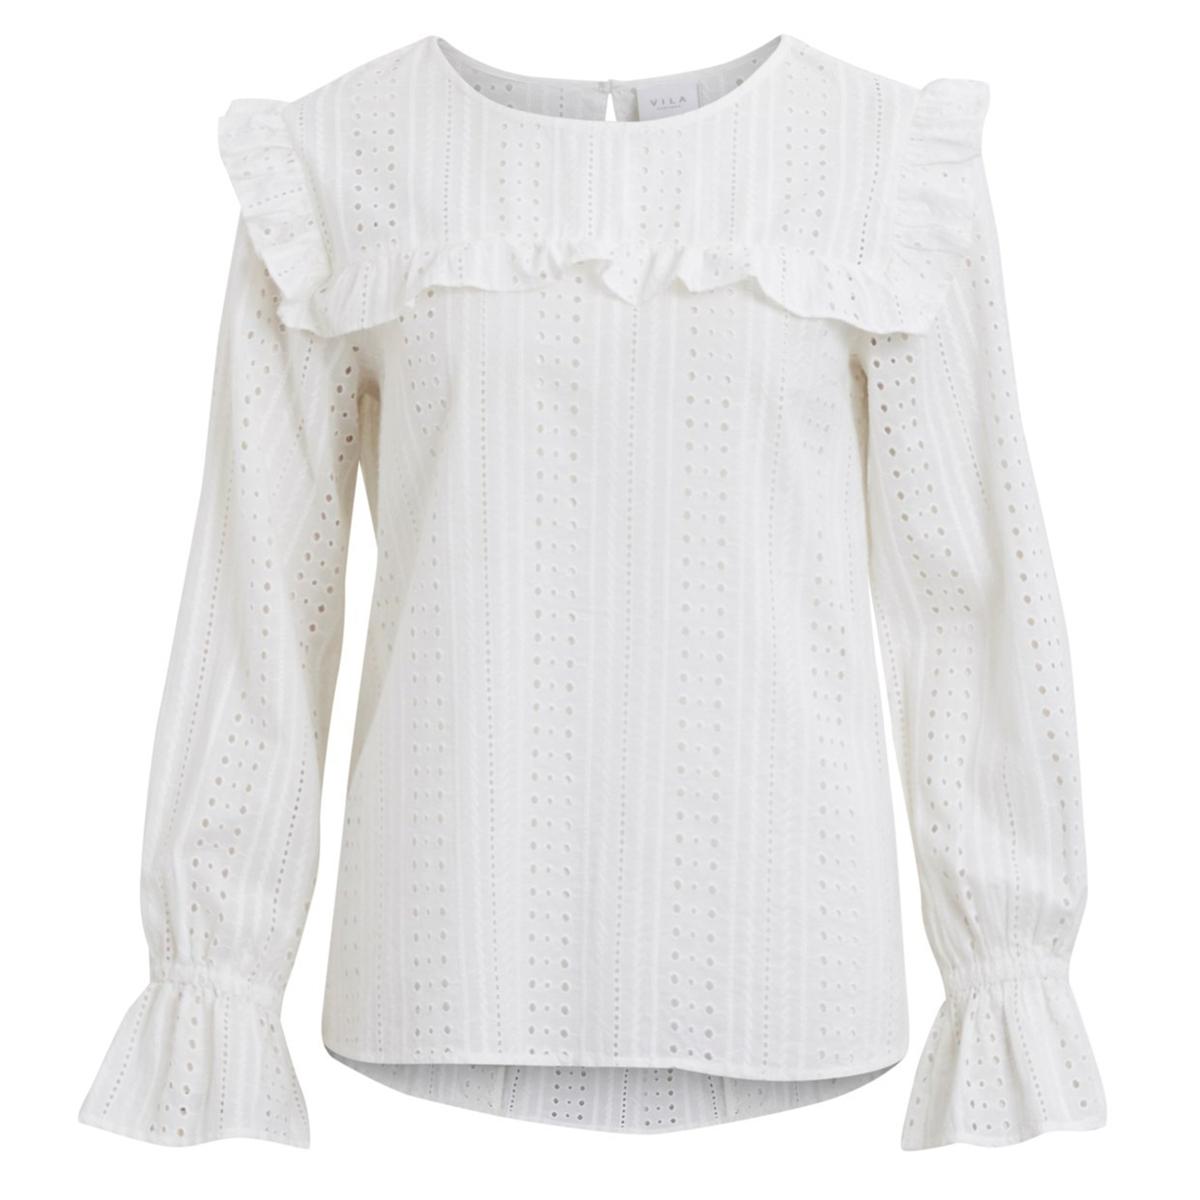 Фото - Блузка однотонная прямого покроя с круглым вырезом и длинными рукавами рубашка однотонная прямого покроя с короткими рукавами 100% лен